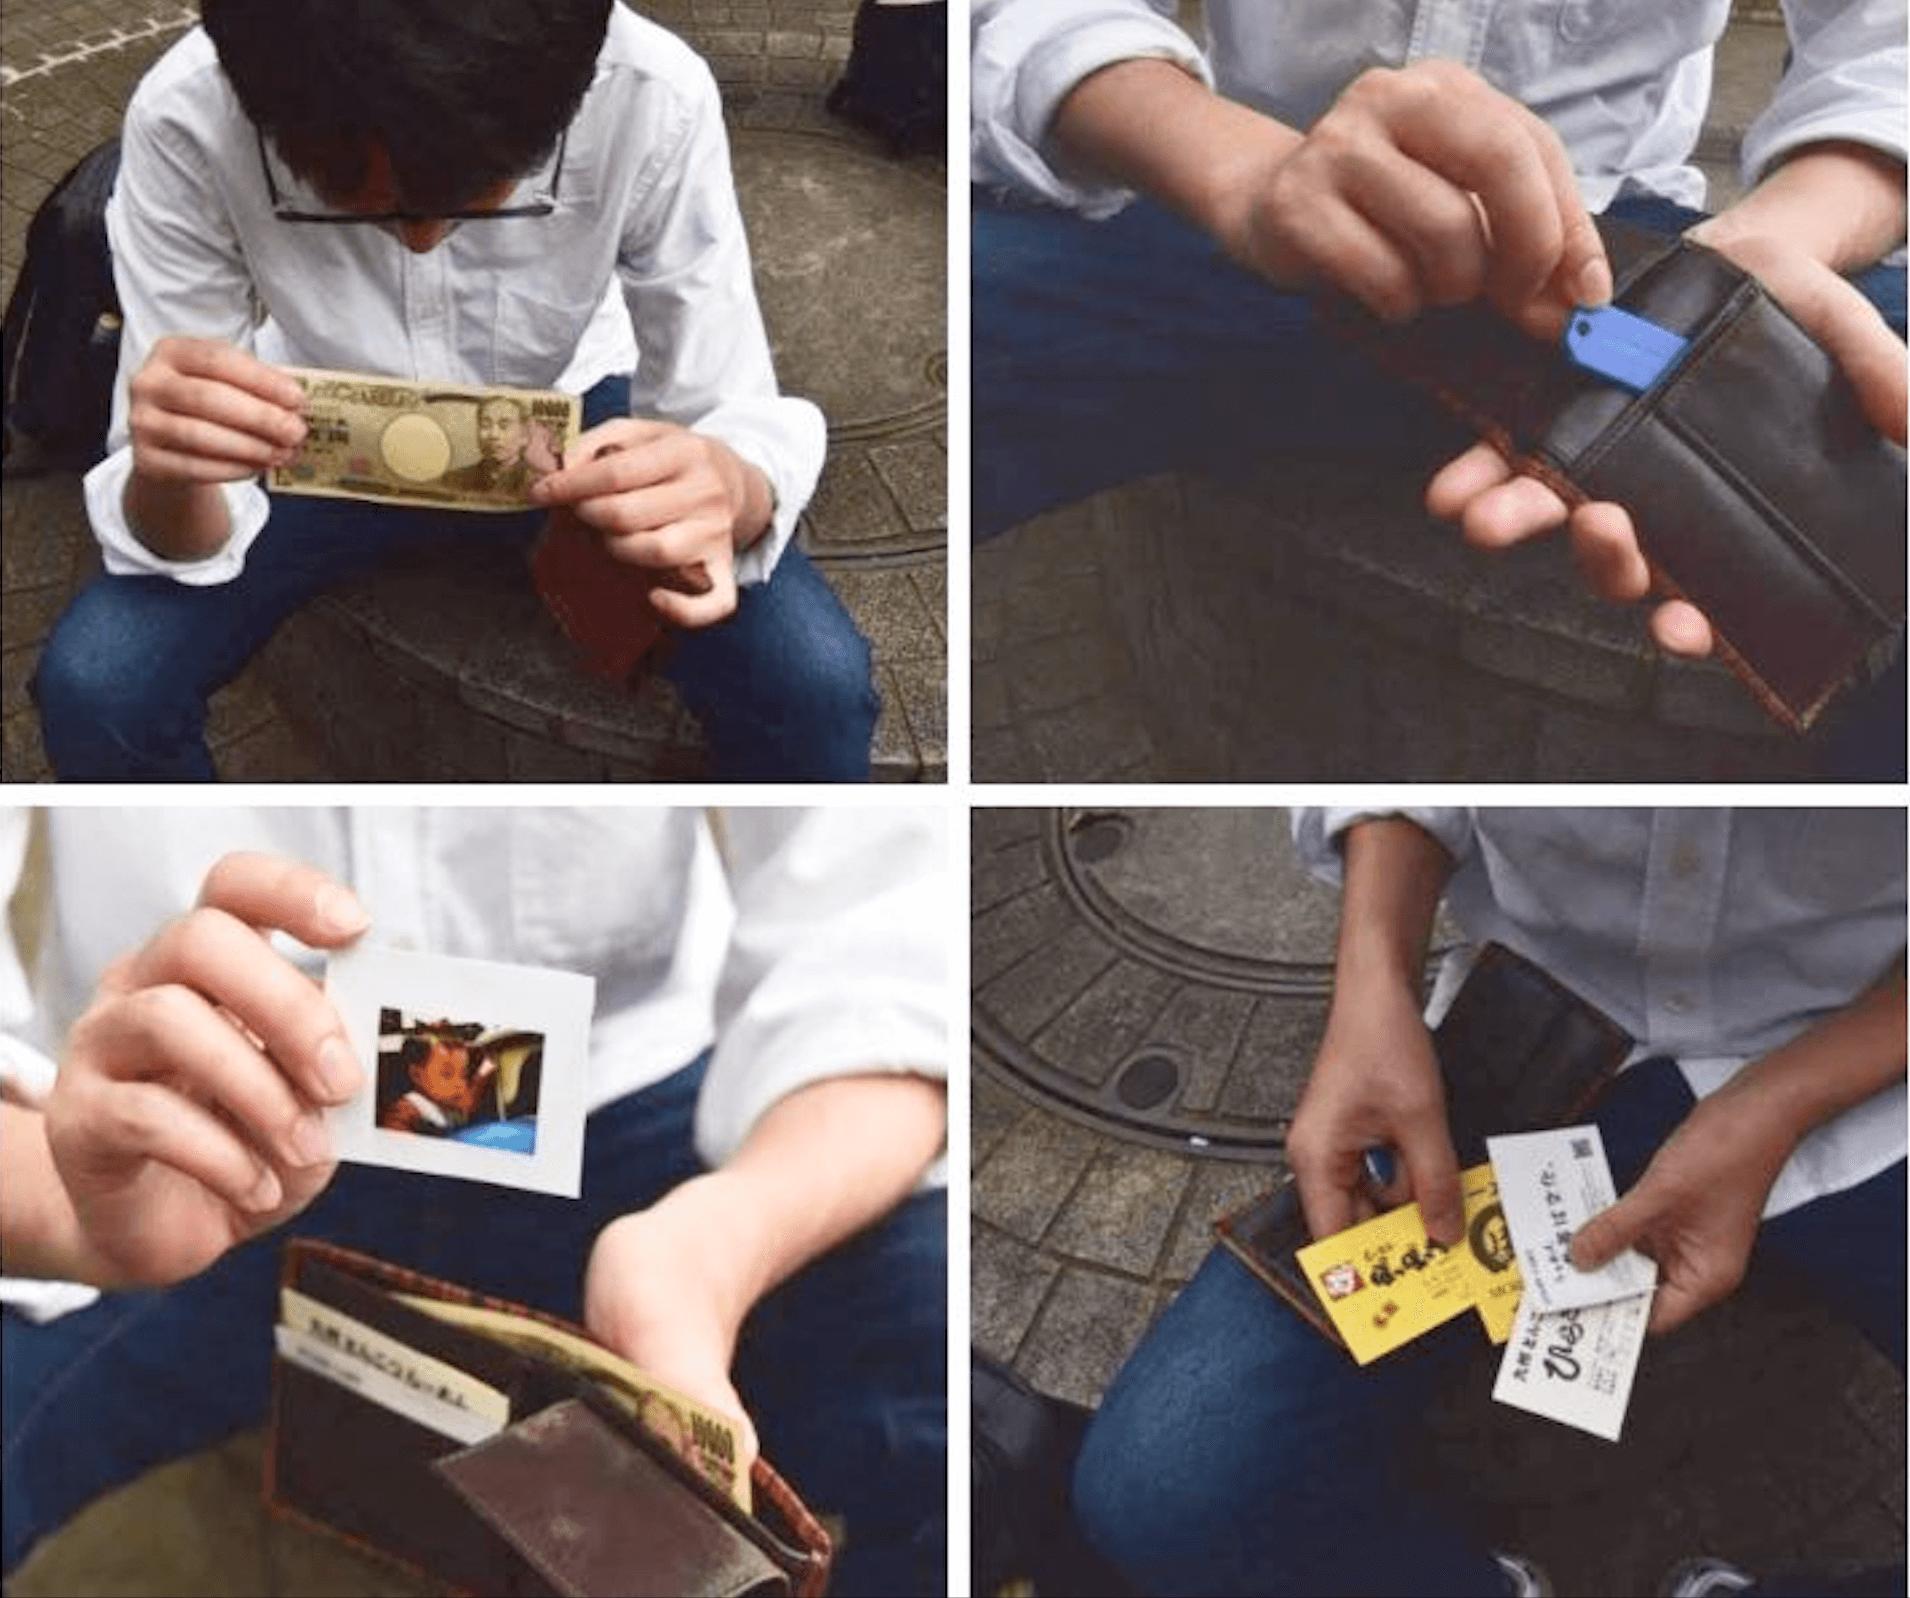 財布の落とし物実験に用意したモノ